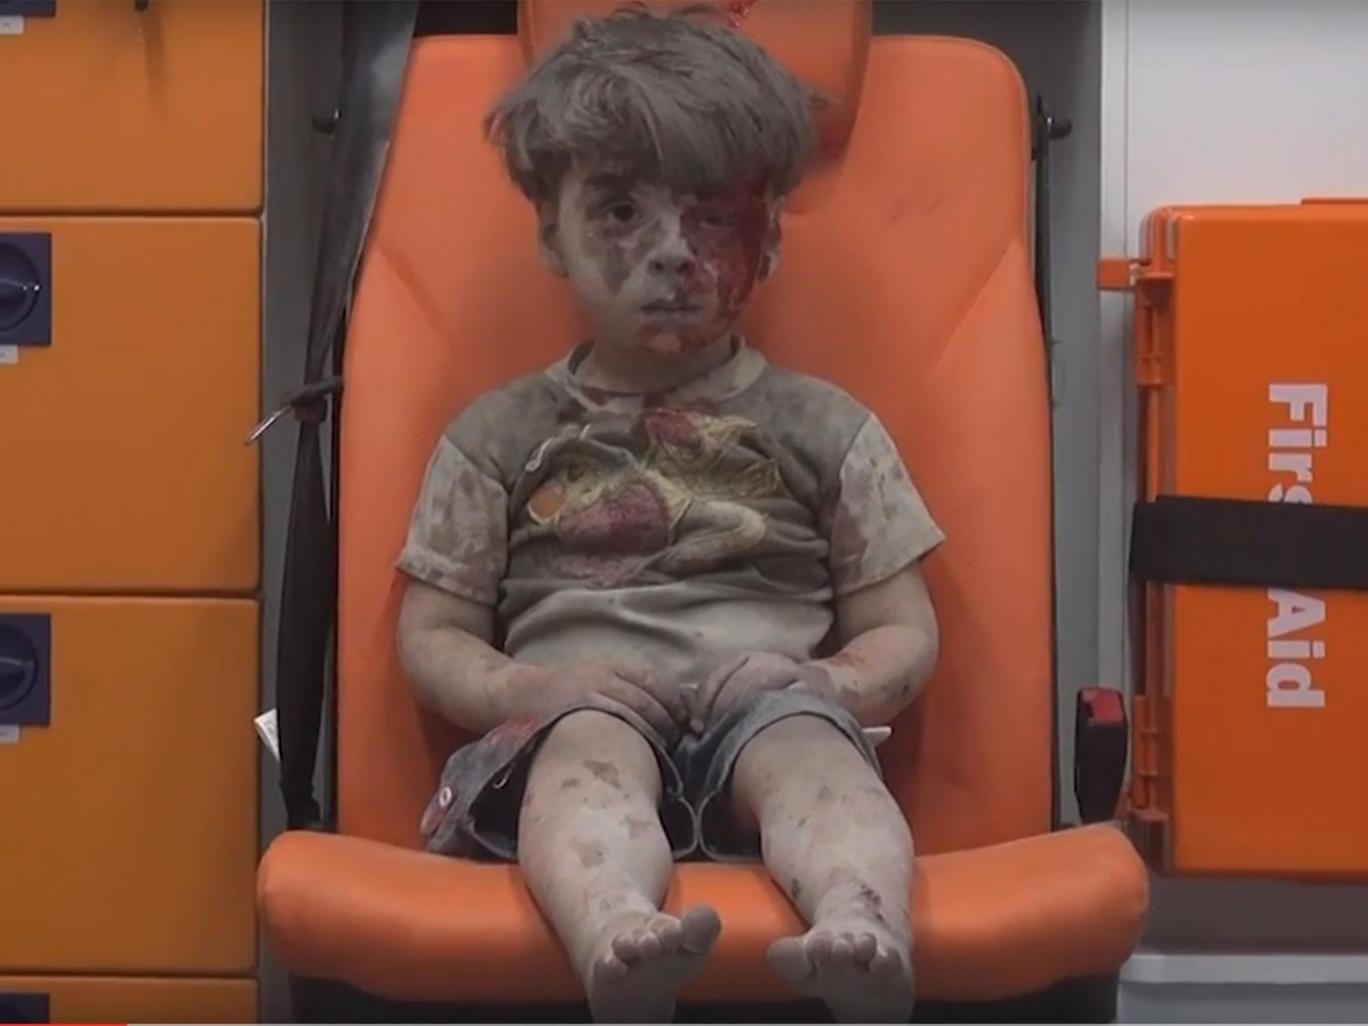 Omran Daqneesh ngồi thất thần trên xe cứu thương sau khi được giải cứu khỏi một ngôi nhà bị sập do không kích ở Syria. (Ảnh: Independent)